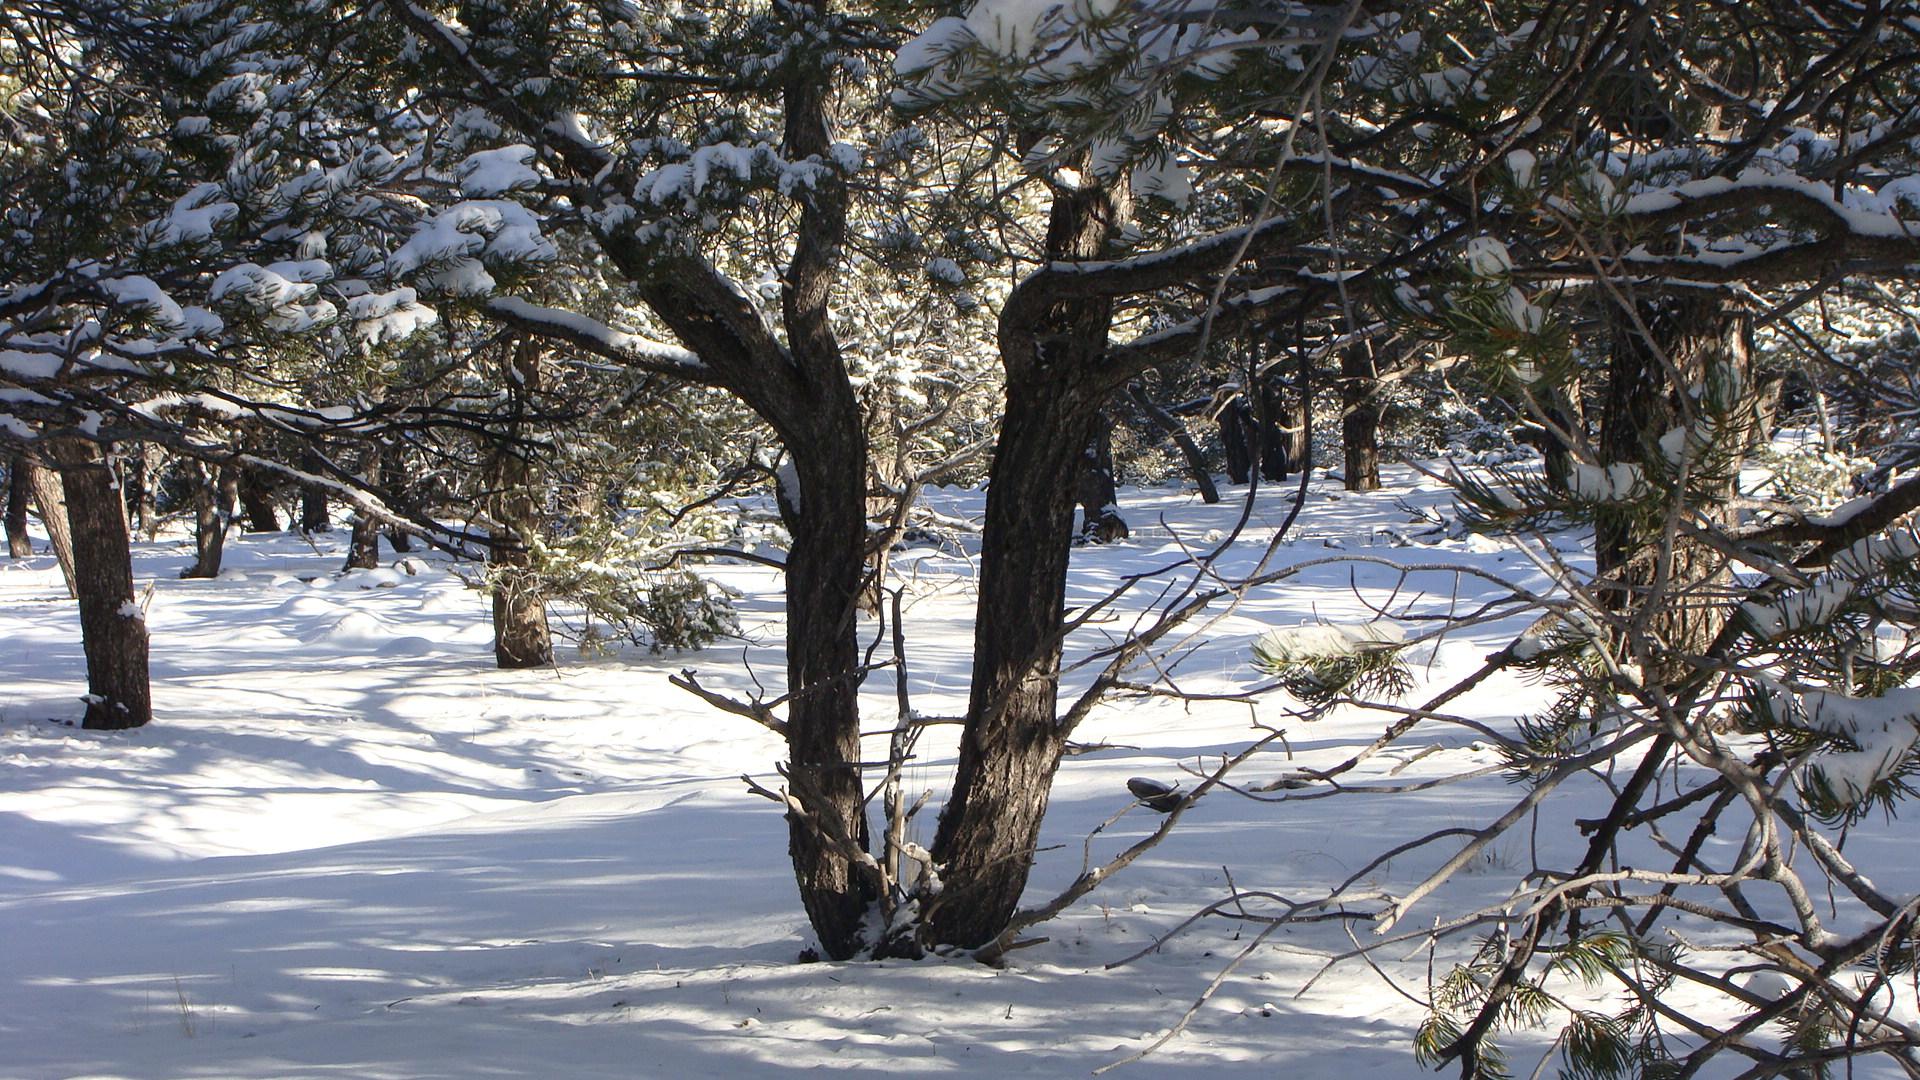 Walking in the Snowy Woods ...